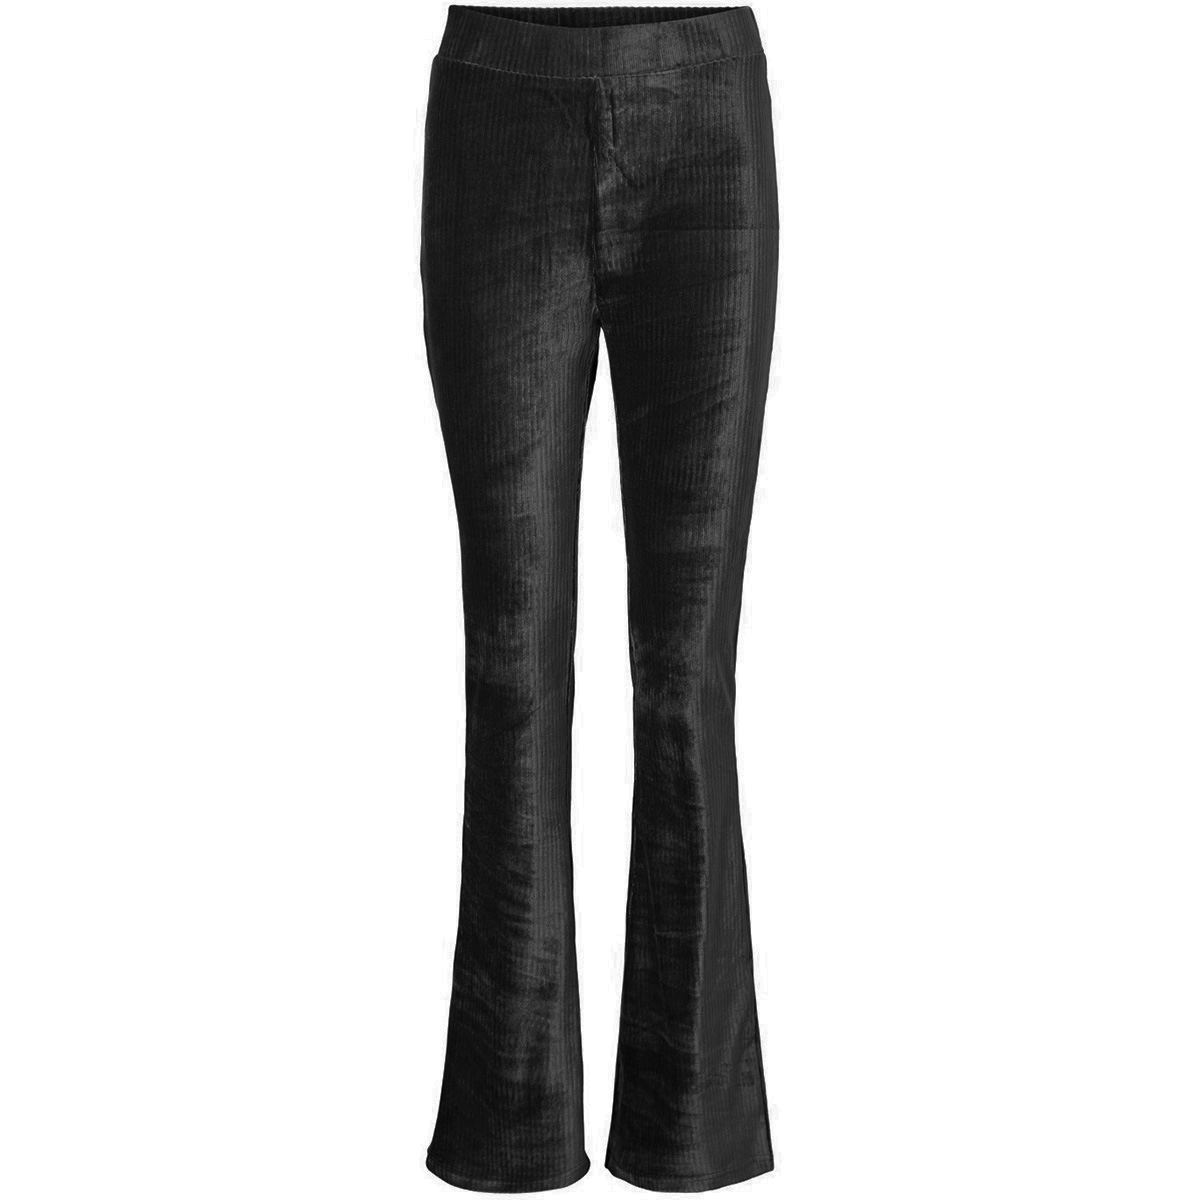 nmcuji nw pant 5 27009325 noisy may broek black